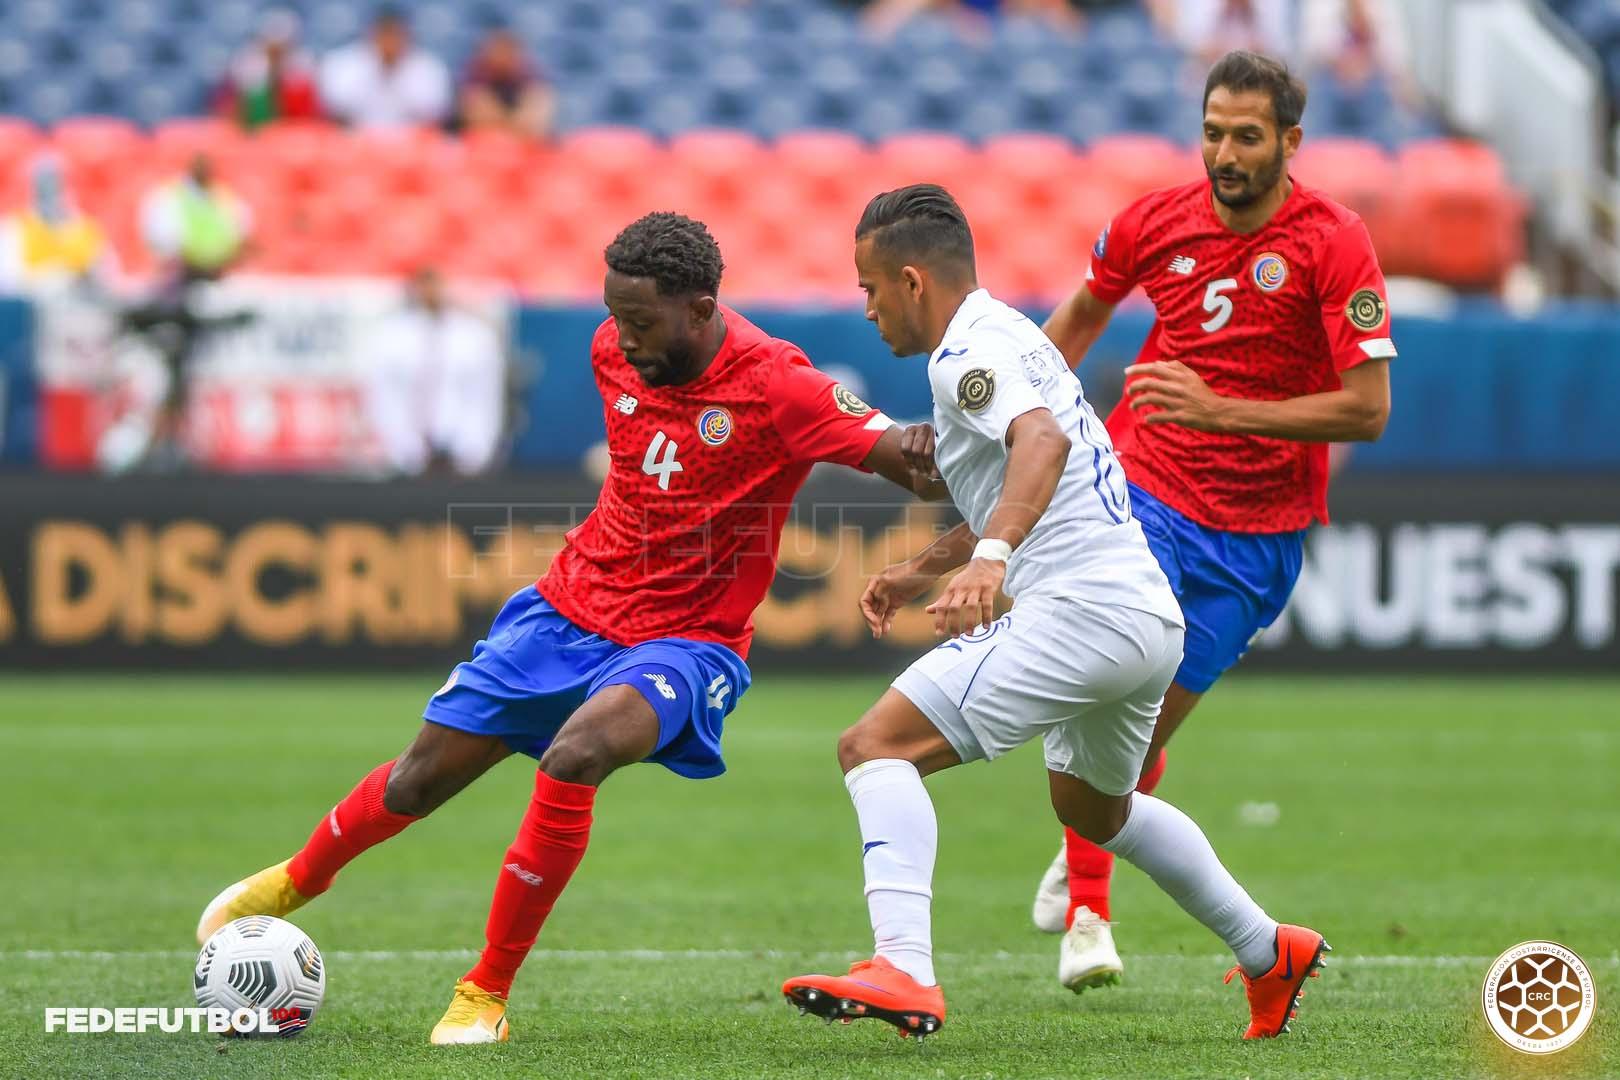 ¡A la Costa Rica de Ronald González no se le puede creer! Últimos en la Final Four y 10 partidos sin ganar.